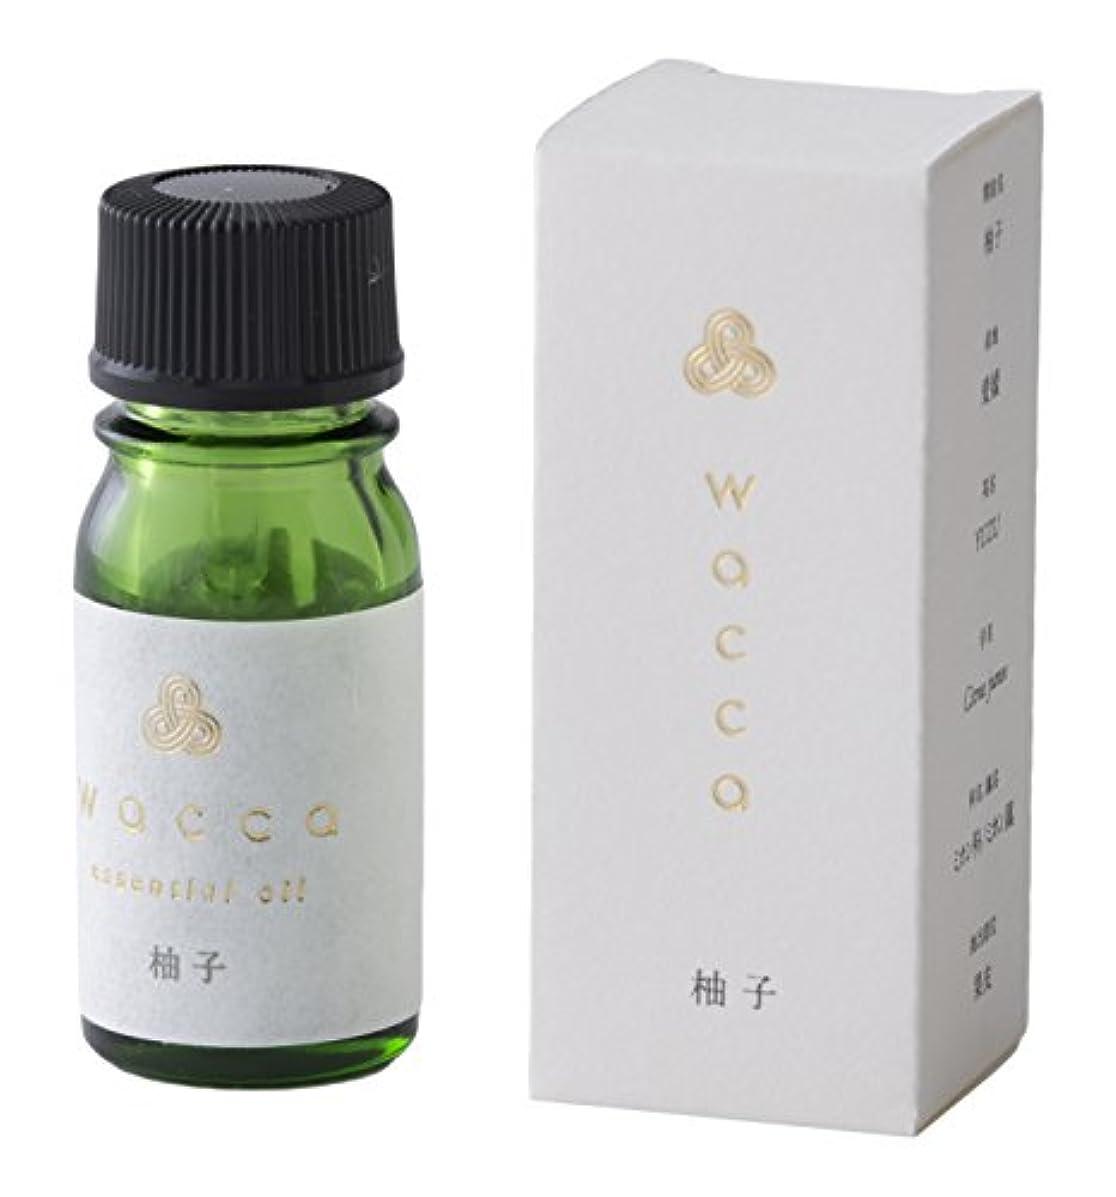 勧める水分項目wacca ワッカ エッセンシャルオイル 5ml 柚子 ユズ yuzu essential oil 和精油 KUSU HANDMADE